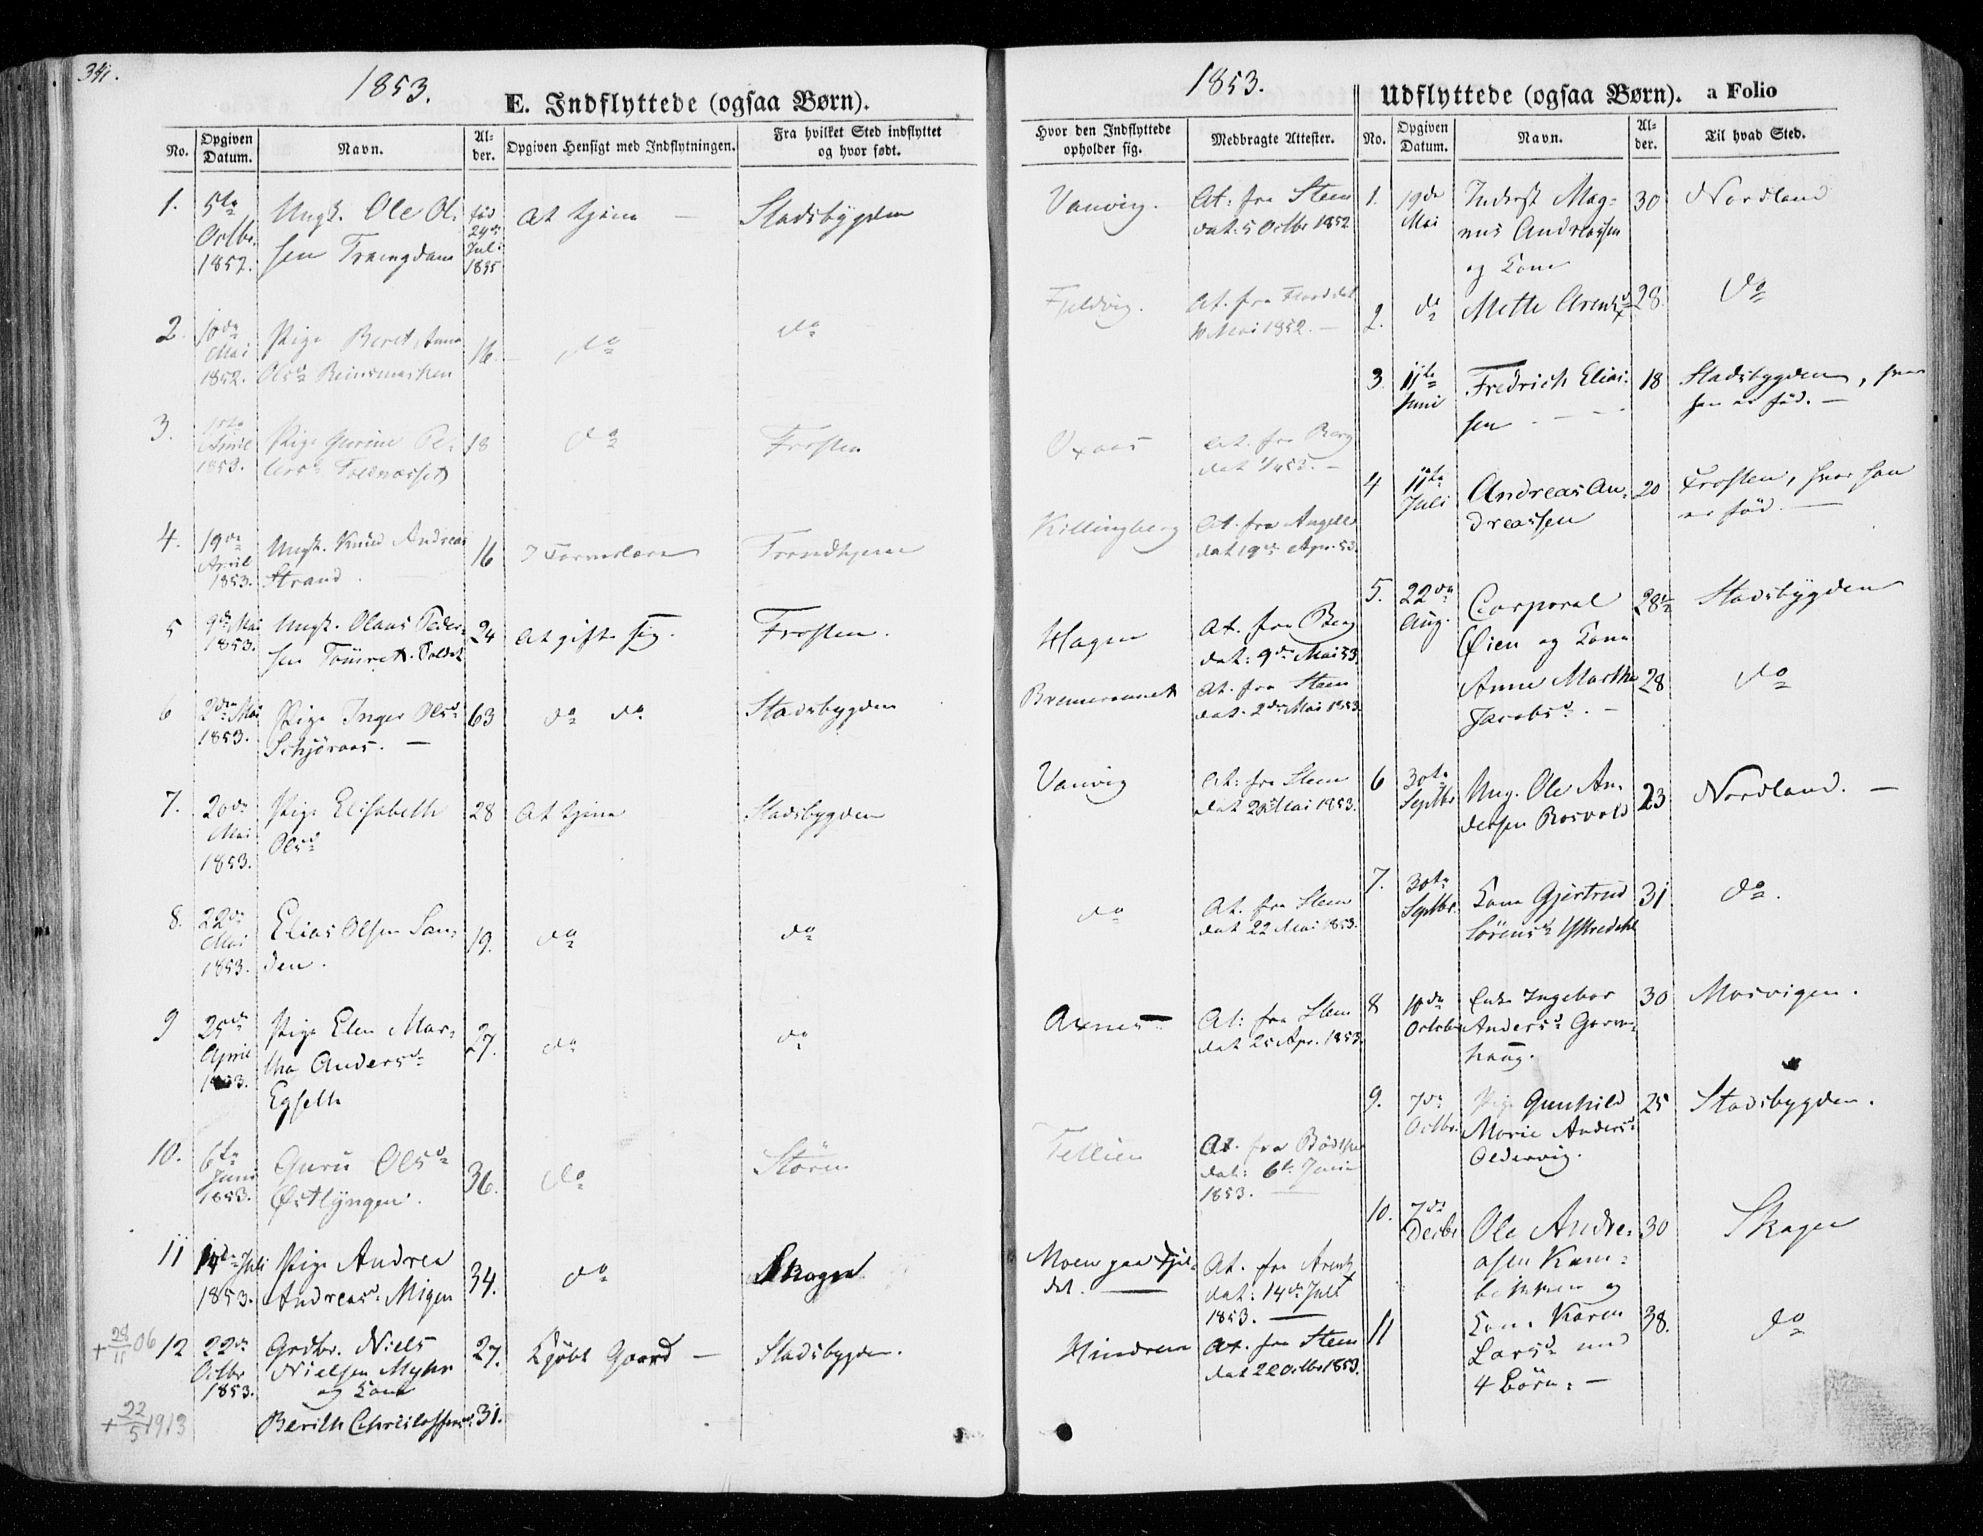 SAT, Ministerialprotokoller, klokkerbøker og fødselsregistre - Nord-Trøndelag, 701/L0007: Ministerialbok nr. 701A07 /1, 1842-1854, s. 341